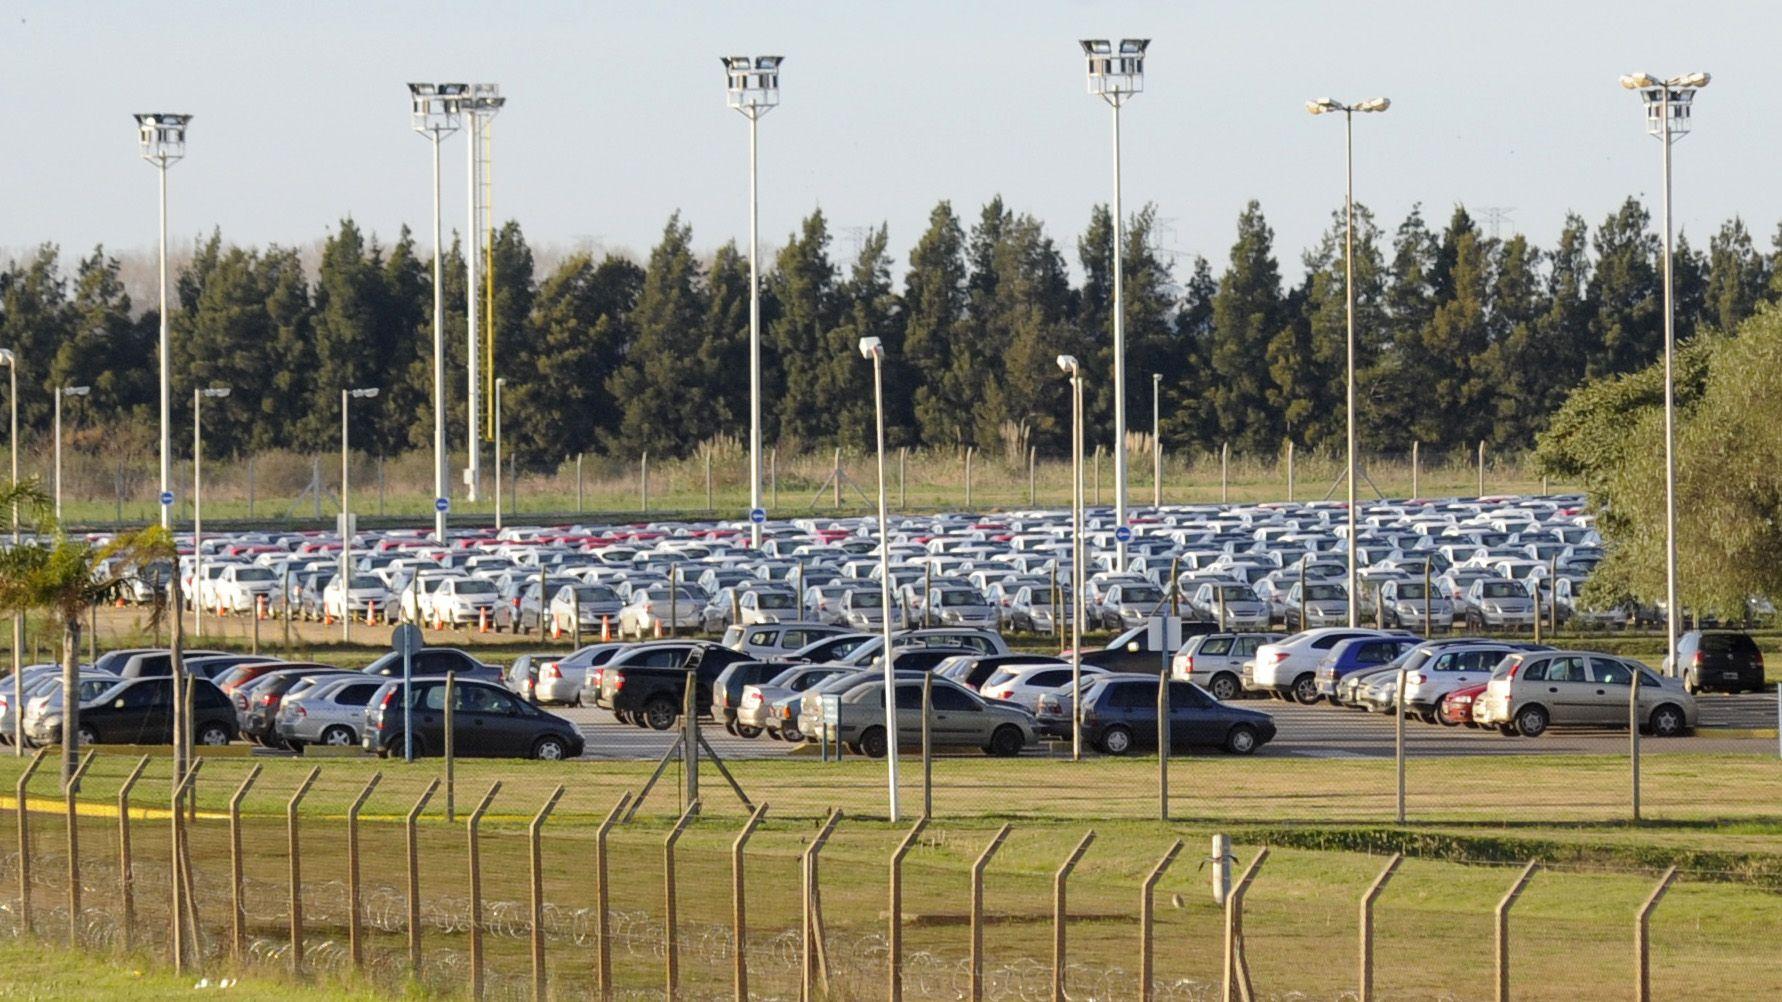 La caída de las exportaciones afecta a la industria automotor. (Silvina Salinas / La Capital)